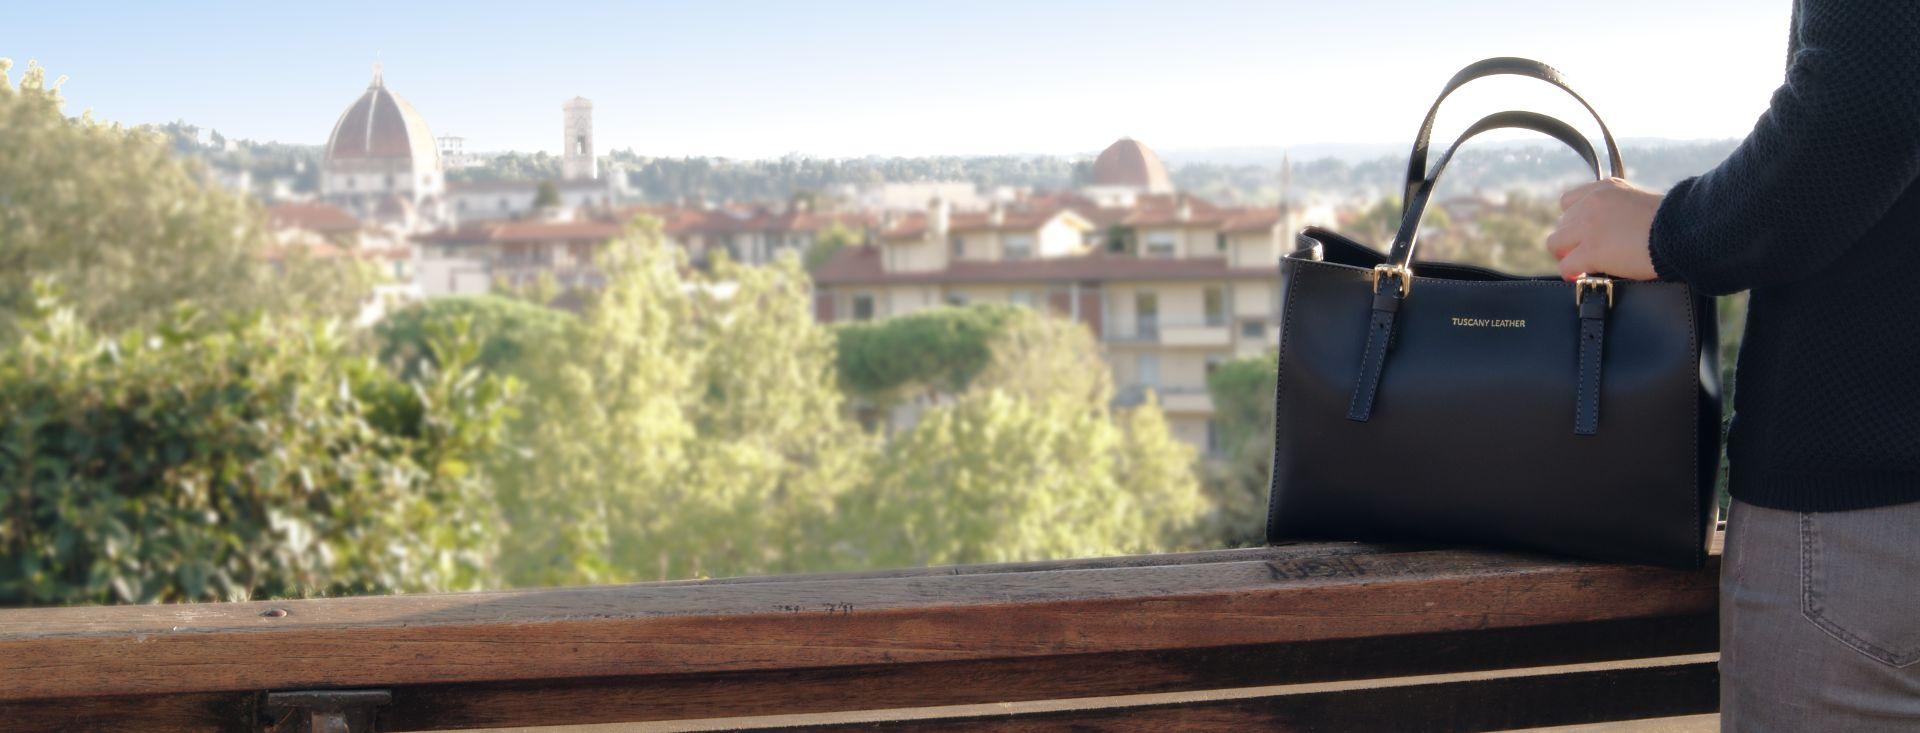 イタリア製本革バッグ、フィレンツェのバッグ、レディースバッグ、ブラックハンドバック